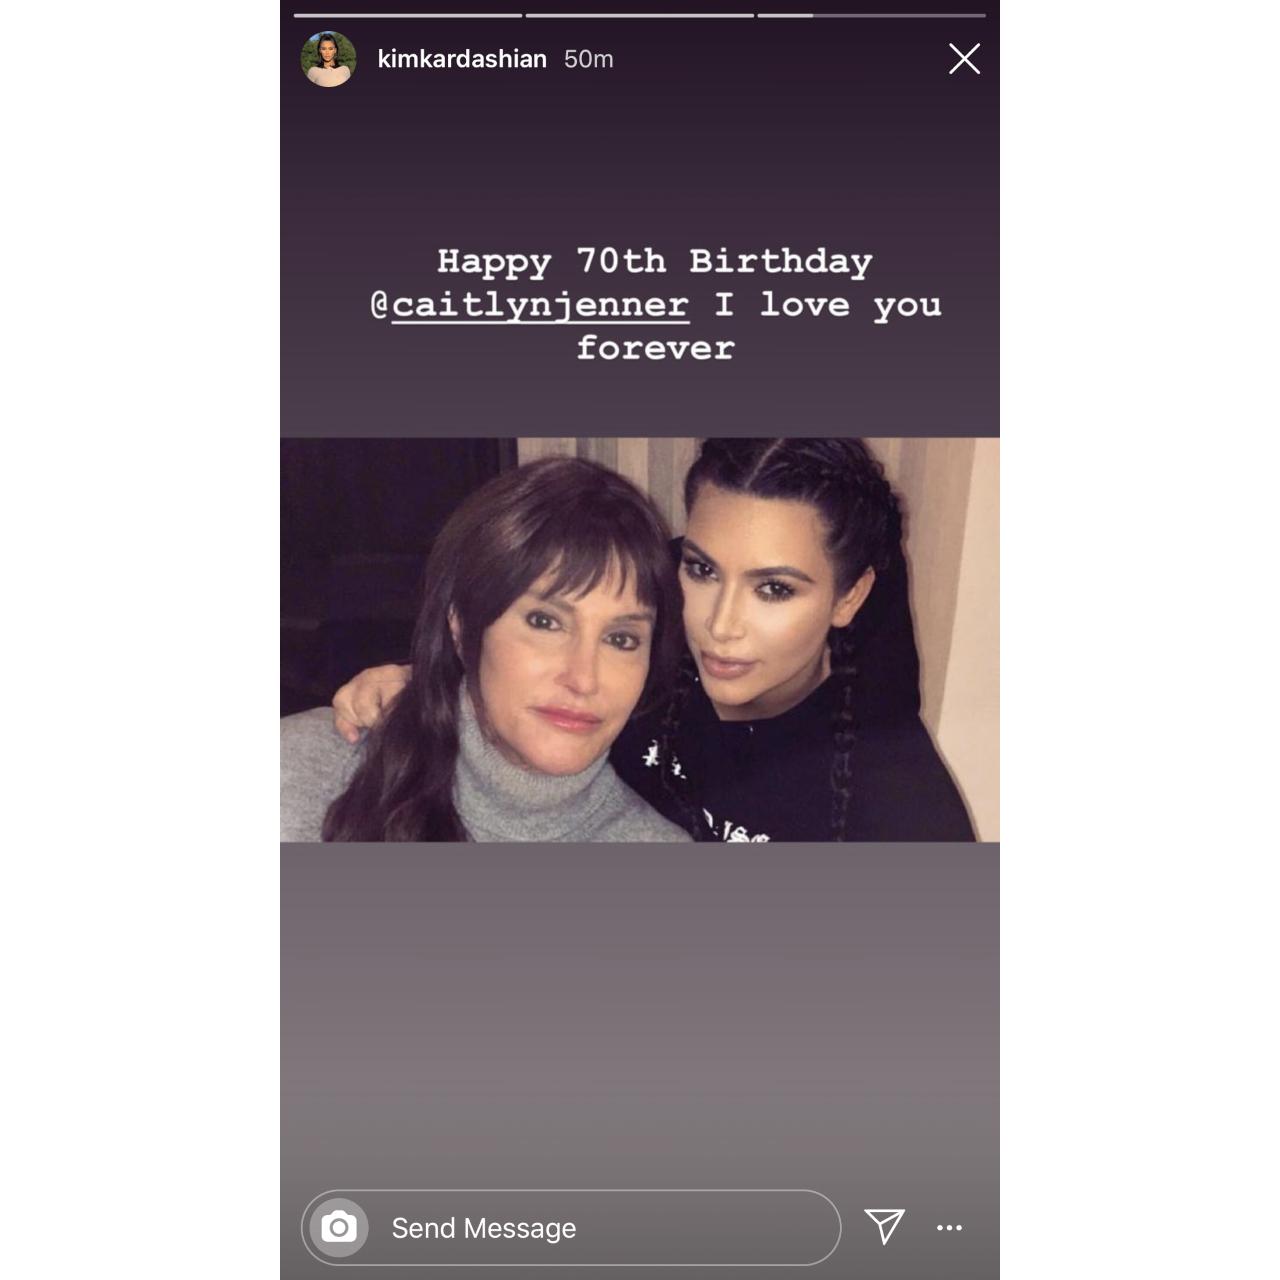 Kim-Kardashian-wishes-Caitlyn-Jenner-Happy-Birthday